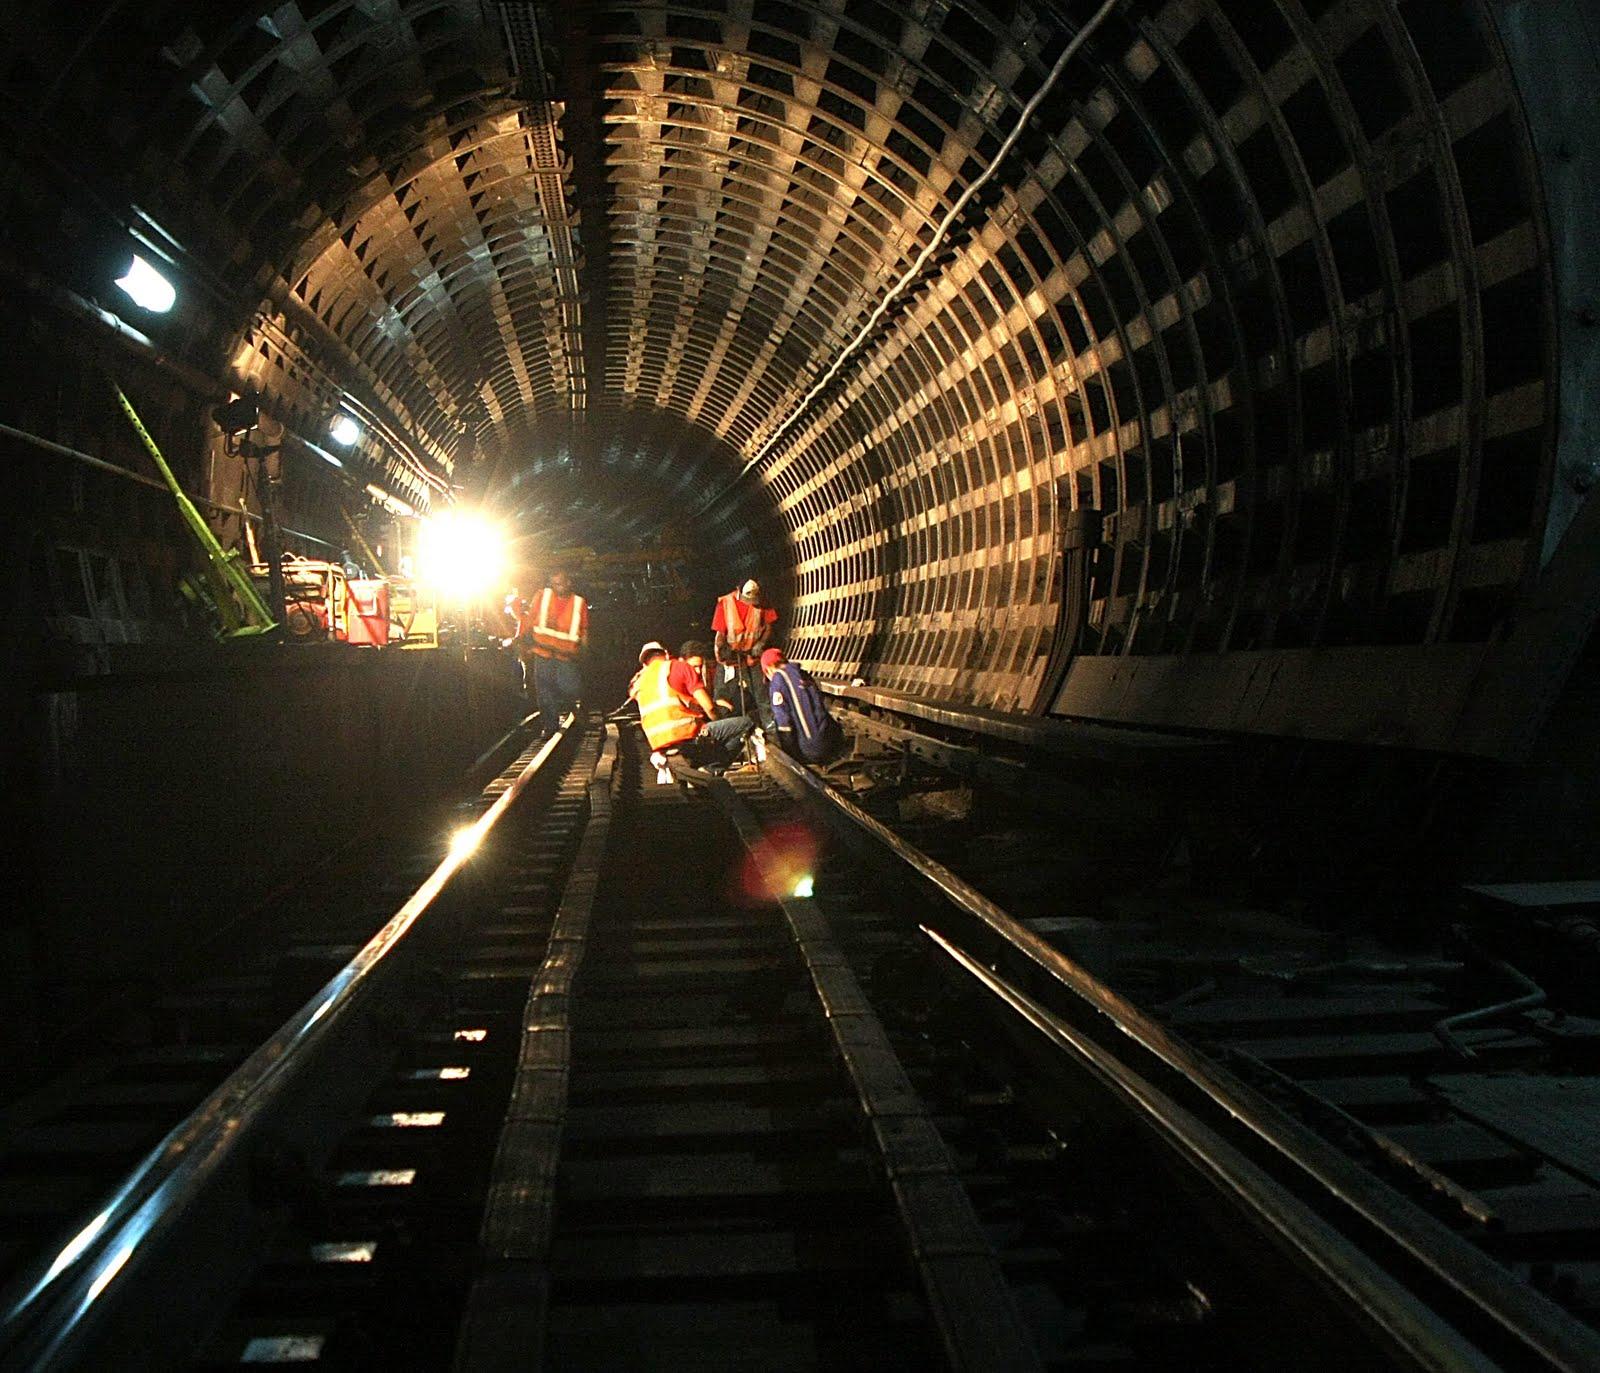 metro-vias-oscuridad